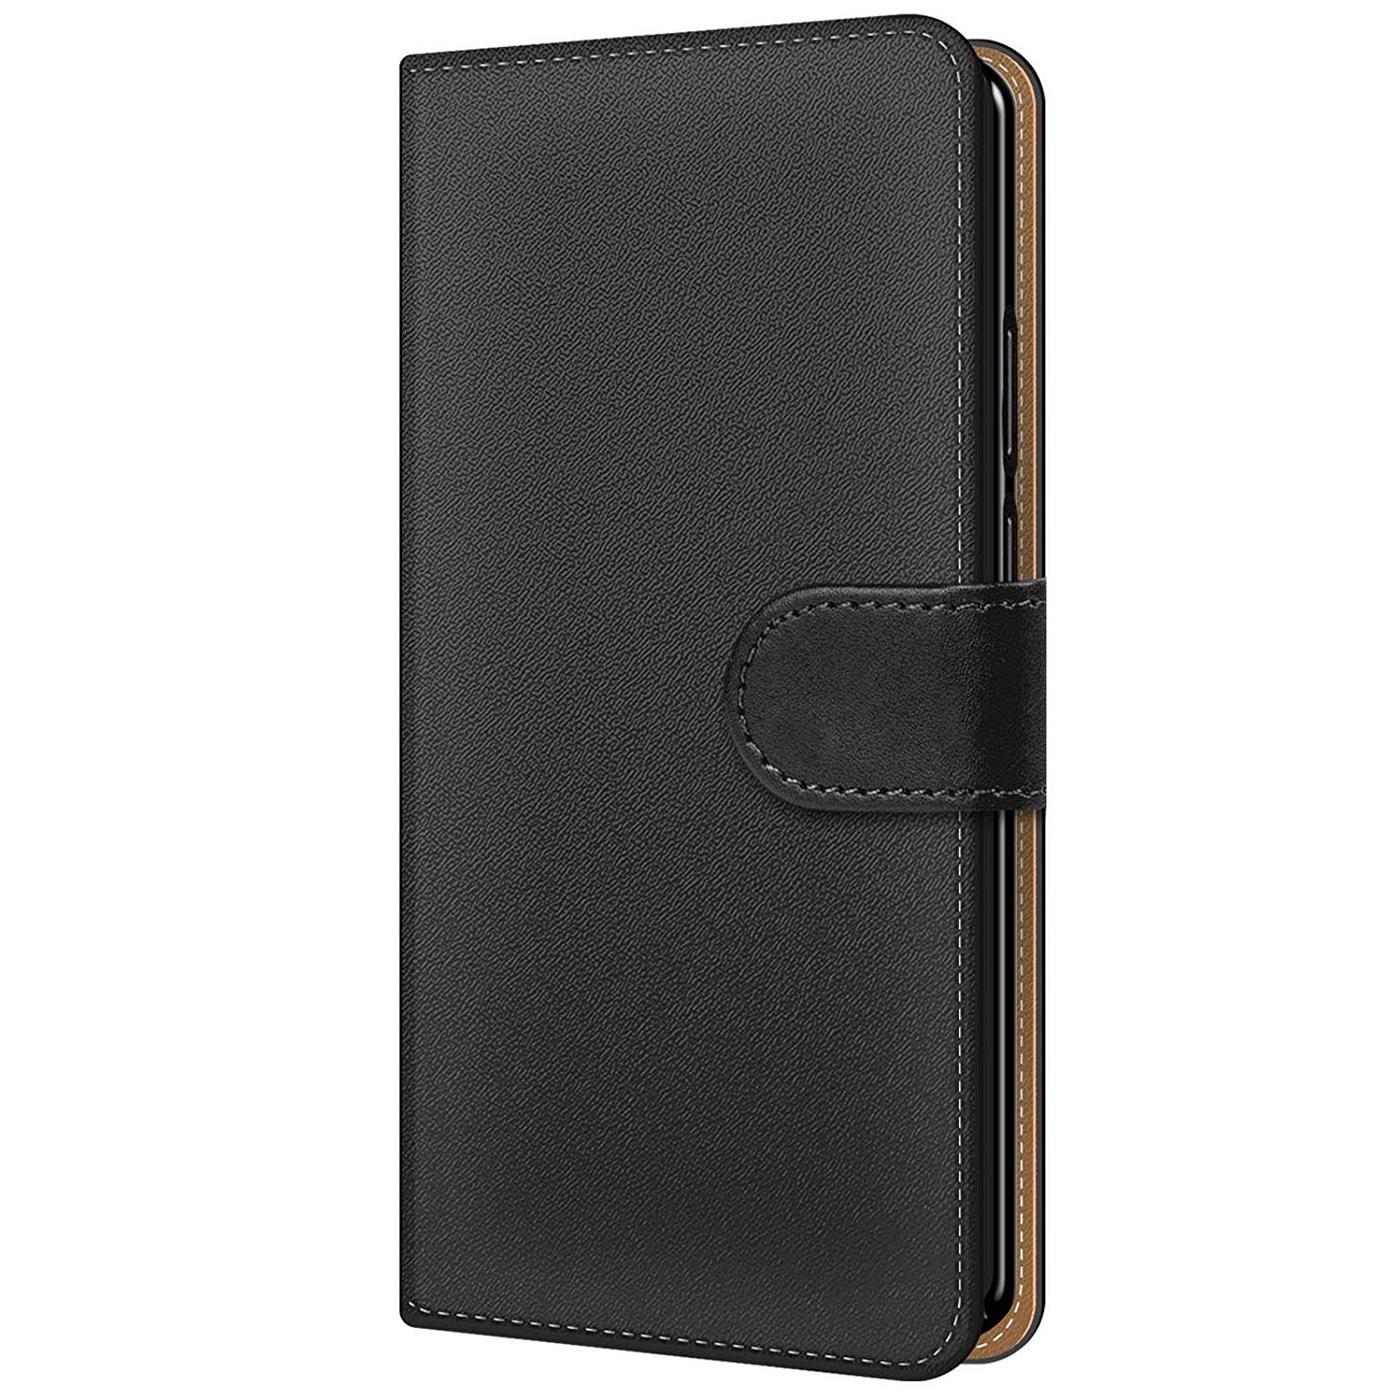 Samsung-Galaxy-J4-Plus-Handy-Klapp-Tasche-Schutz-Huelle-Book-Flip-Cover-Case-Etui Indexbild 11